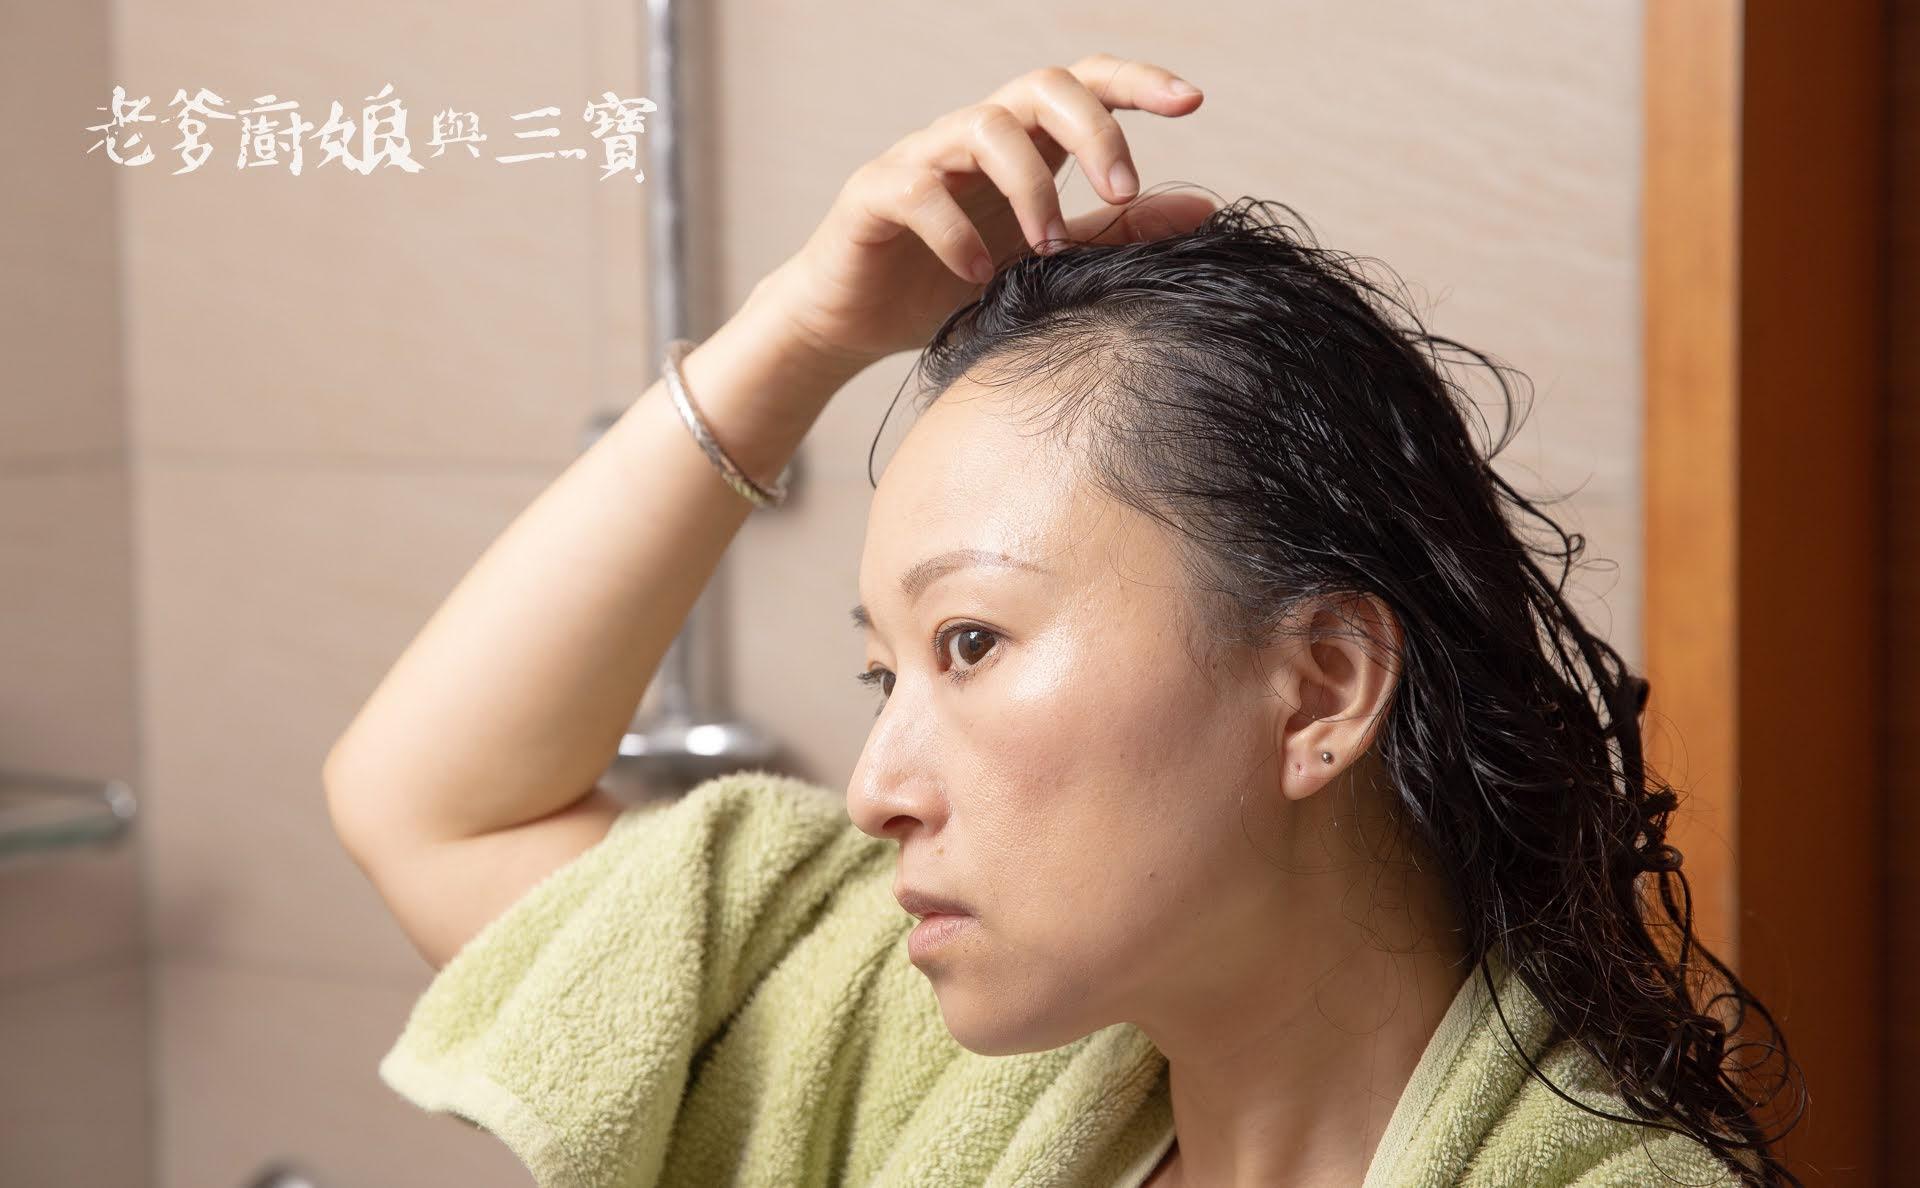 你是否也有三千髮絲的困擾嗎?居家養髮很簡單,健髮交給生薑養髮液~喚黑小薑瓶就對啦!